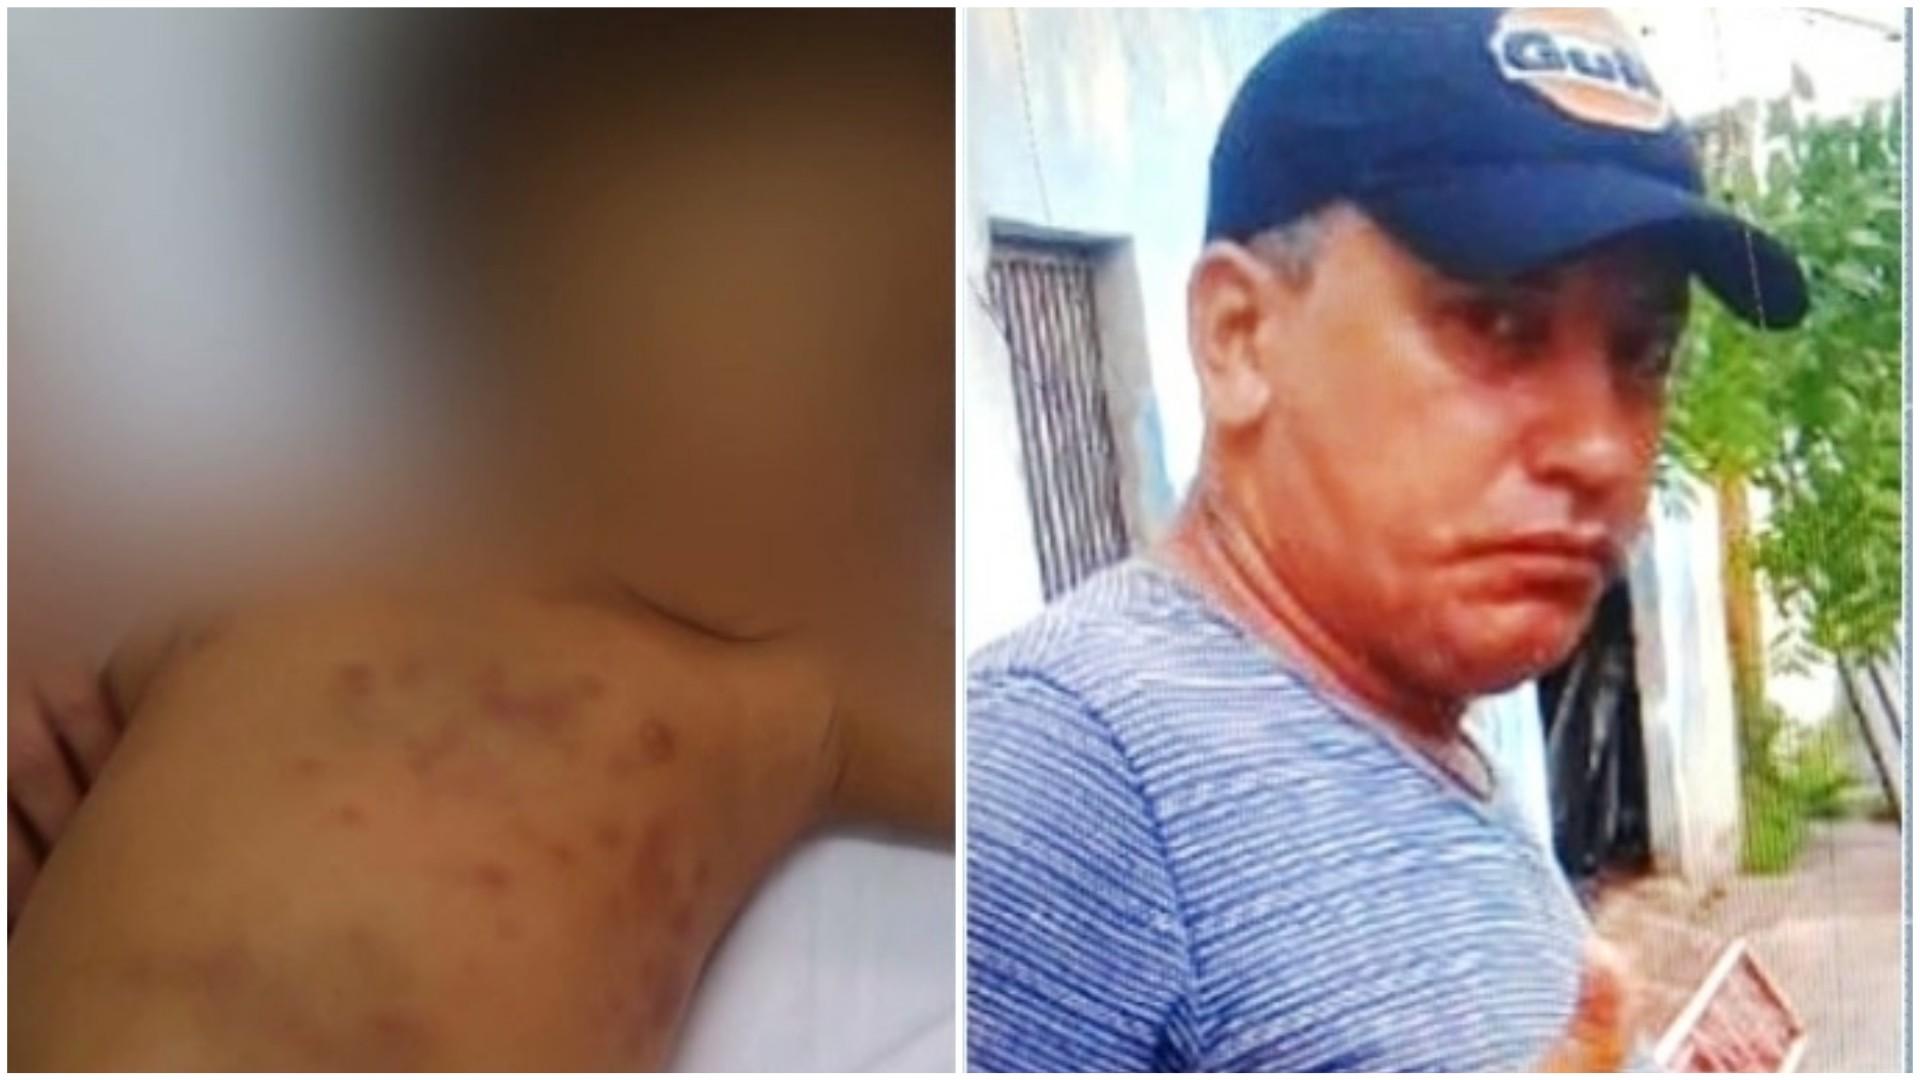 Criança espancada pela mãe pode ter sido abusada sexualmente pelo padastro, afirma polícia no MA